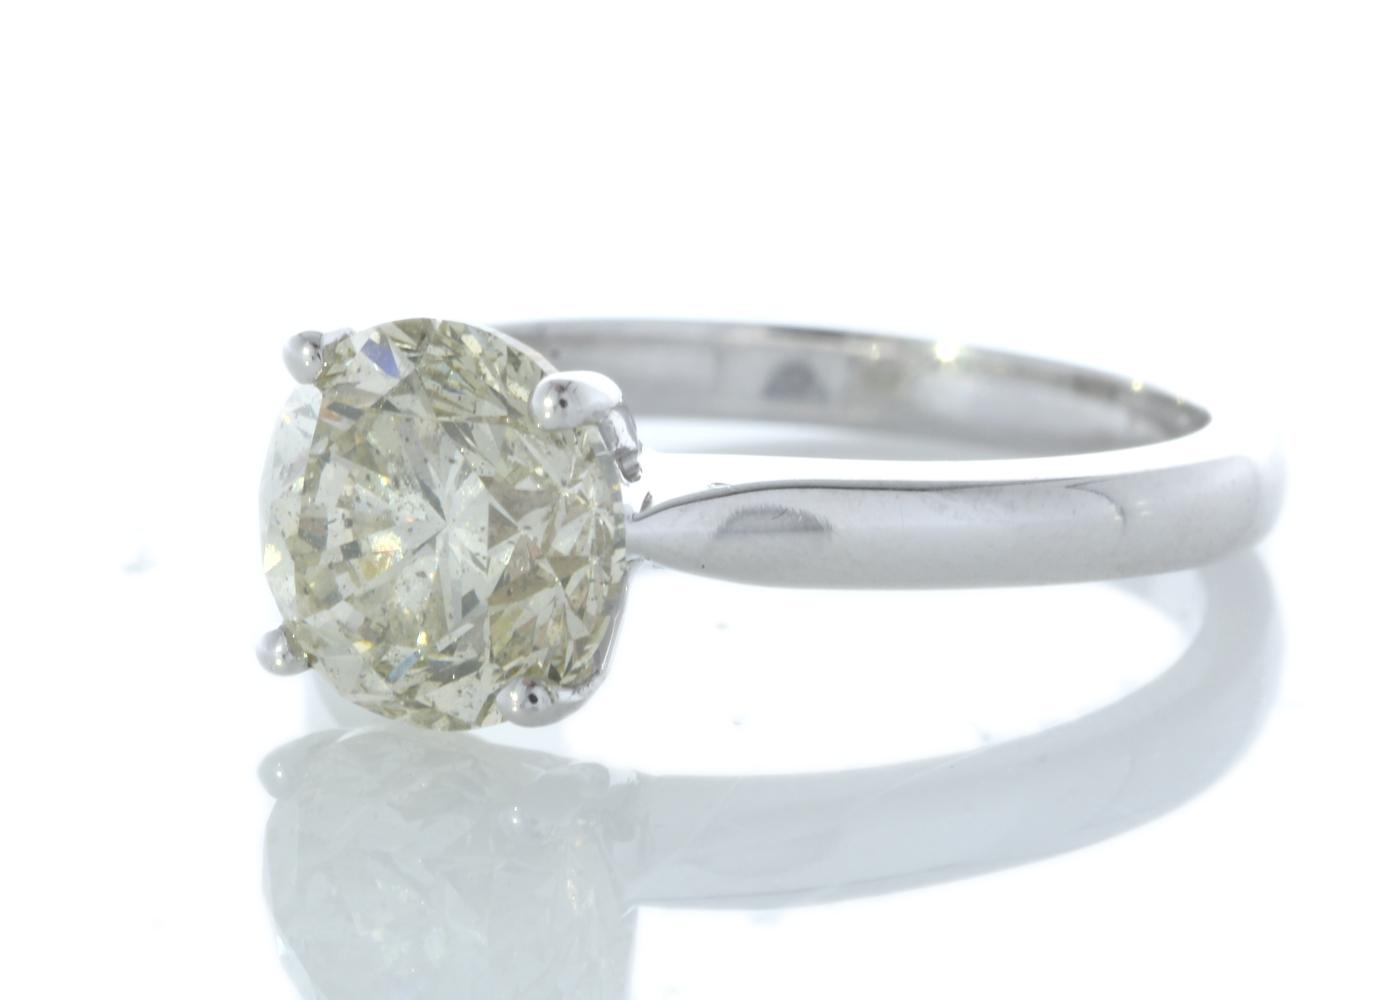 18ct White Gold Rex Set Diamond Ring 2.29 Carats - Image 2 of 5